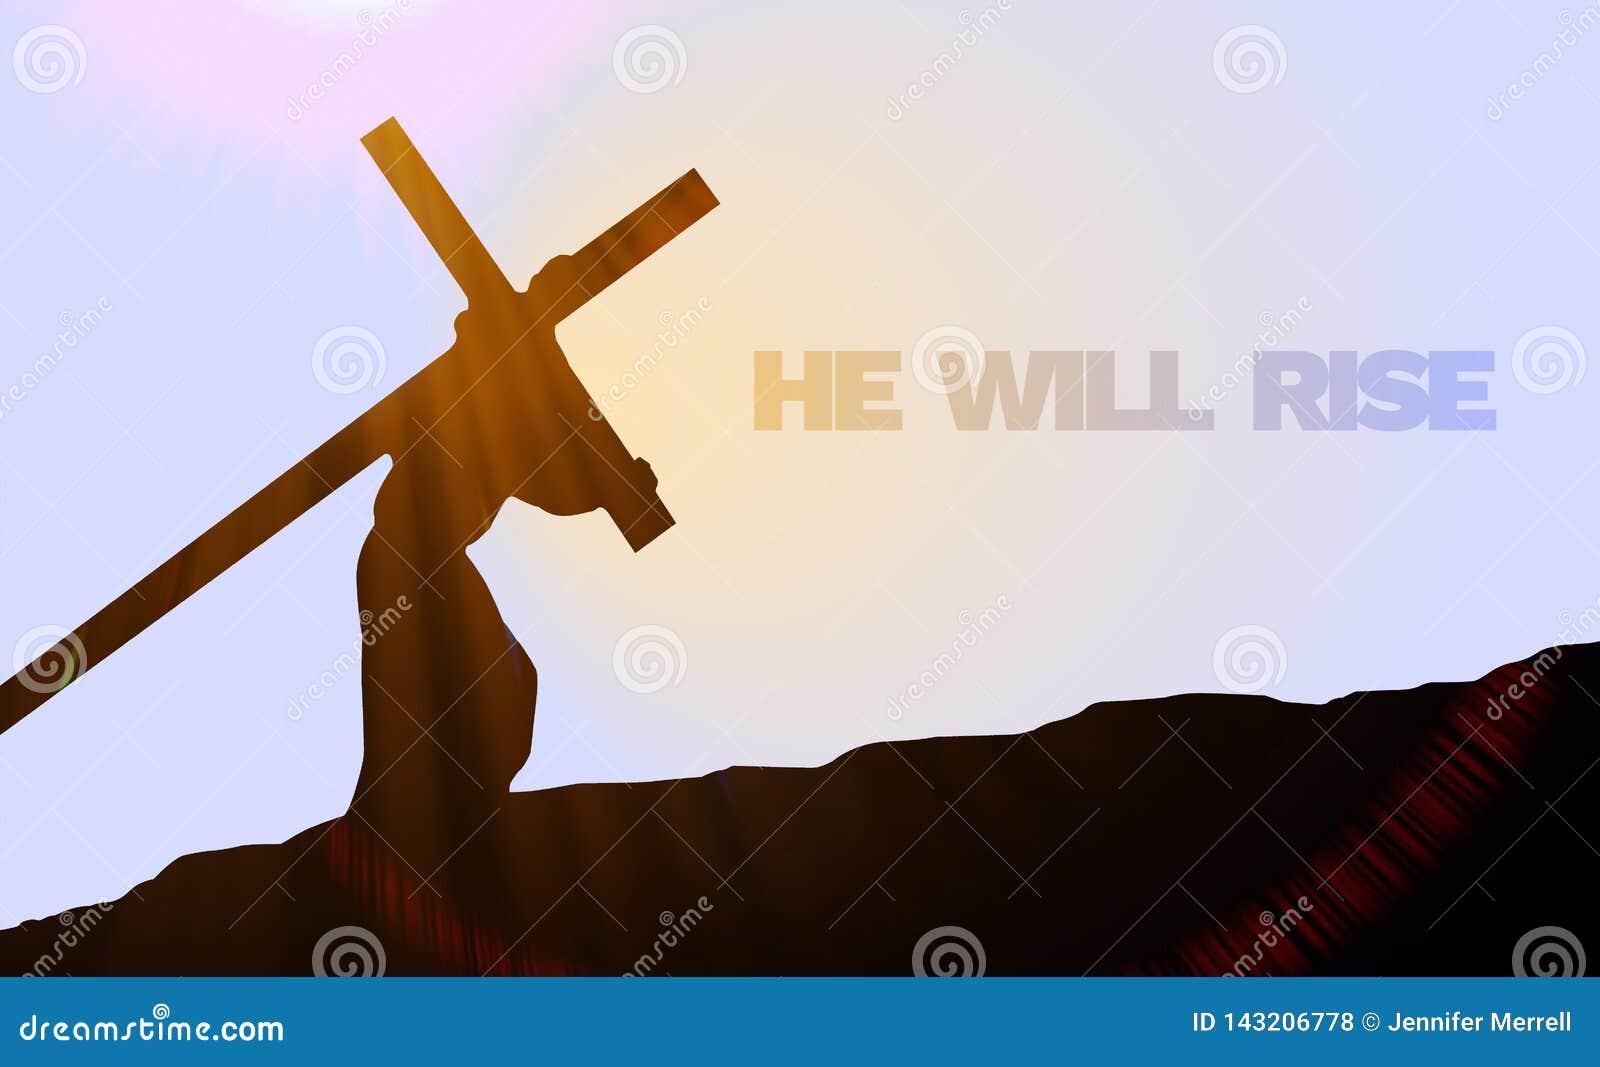 Good Friday/Easter Sunday Background Image